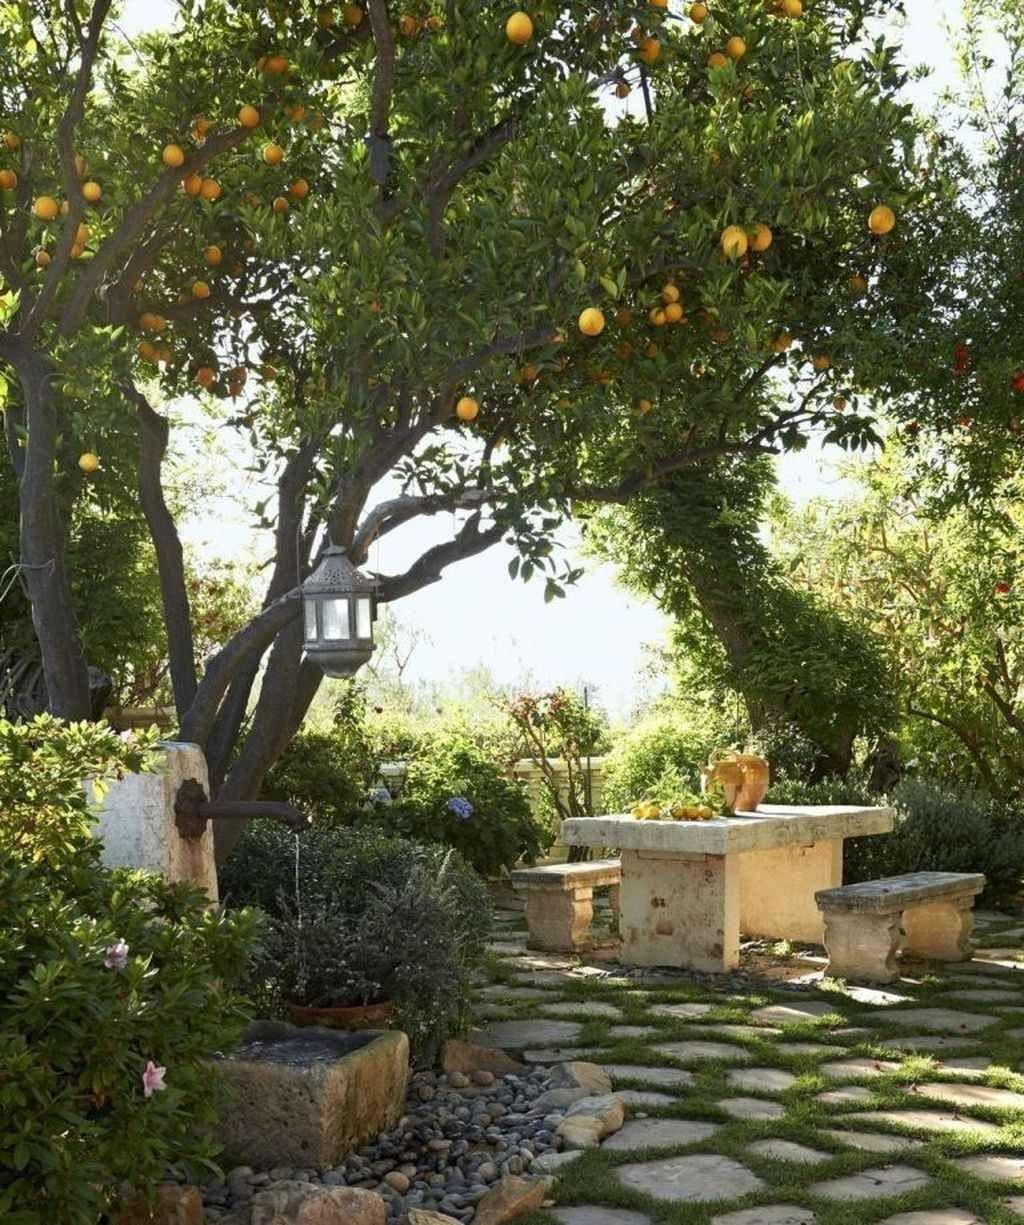 60 Small Courtyard Garden With Seating Area Design Ideas Homixover Com Small Courtyard Gardens Courtyard Garden Courtyard Gardens Design